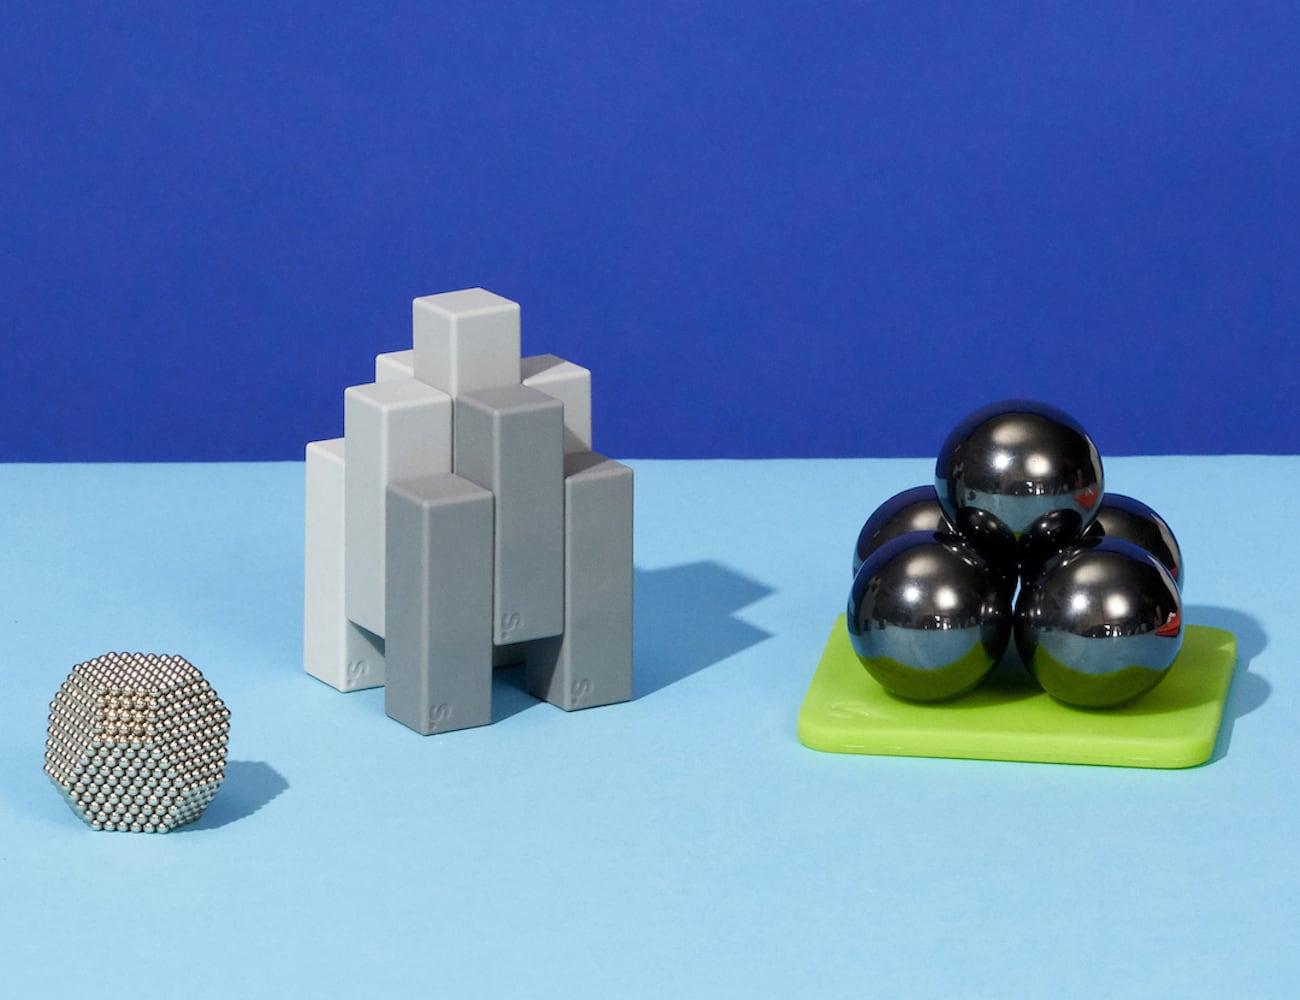 Speks Magnetic Desk Toys » Gadget Flow